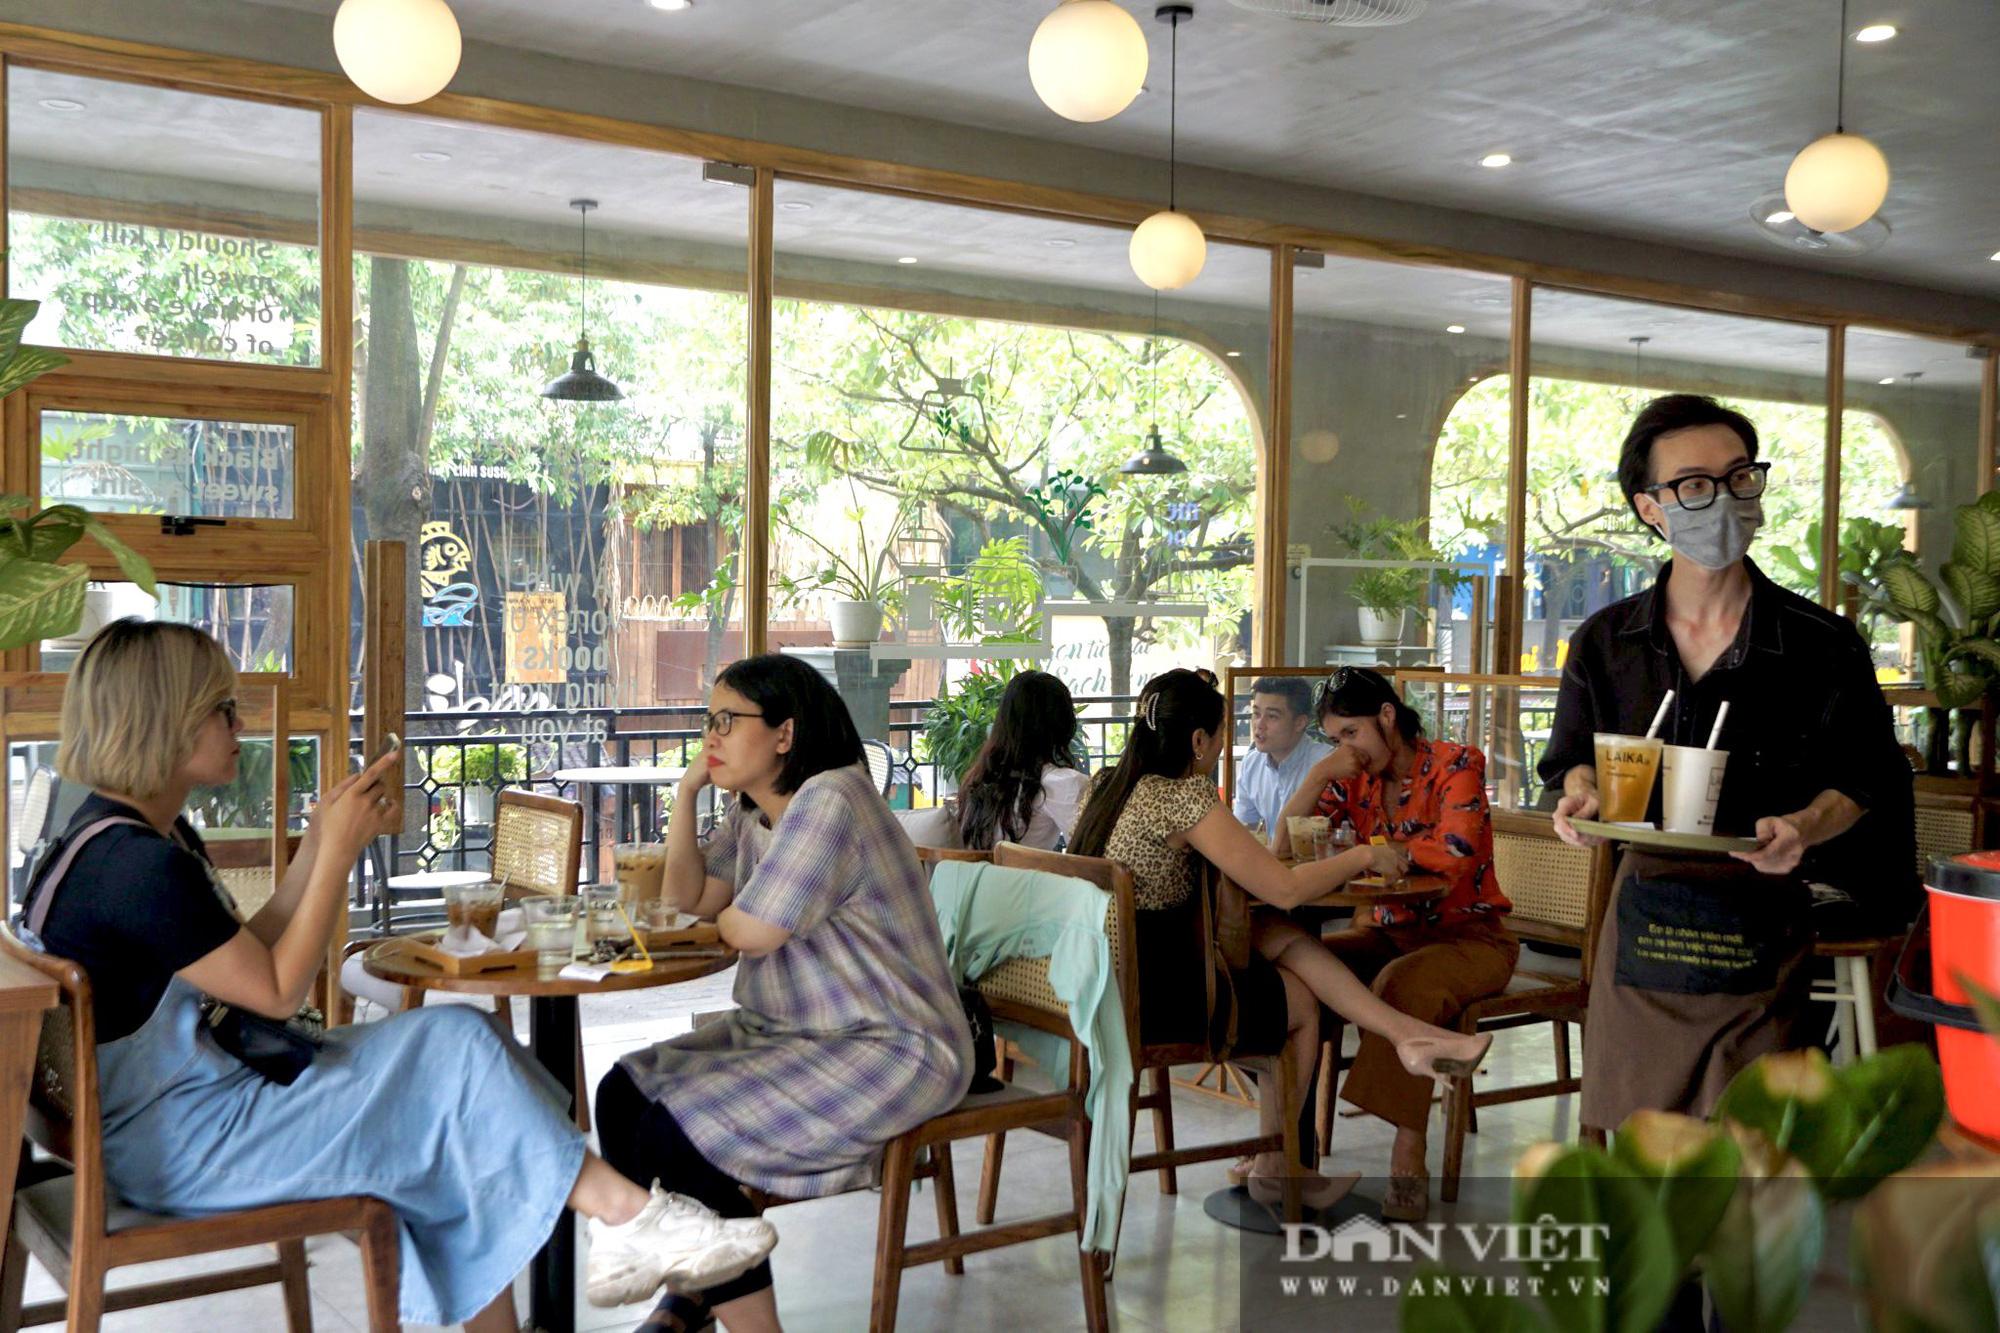 Hà Nội: Quán cafe nơi thưa thớt, chỗ nhộp nhịp trong ngày đầu mở cửa trở lại - Ảnh 5.